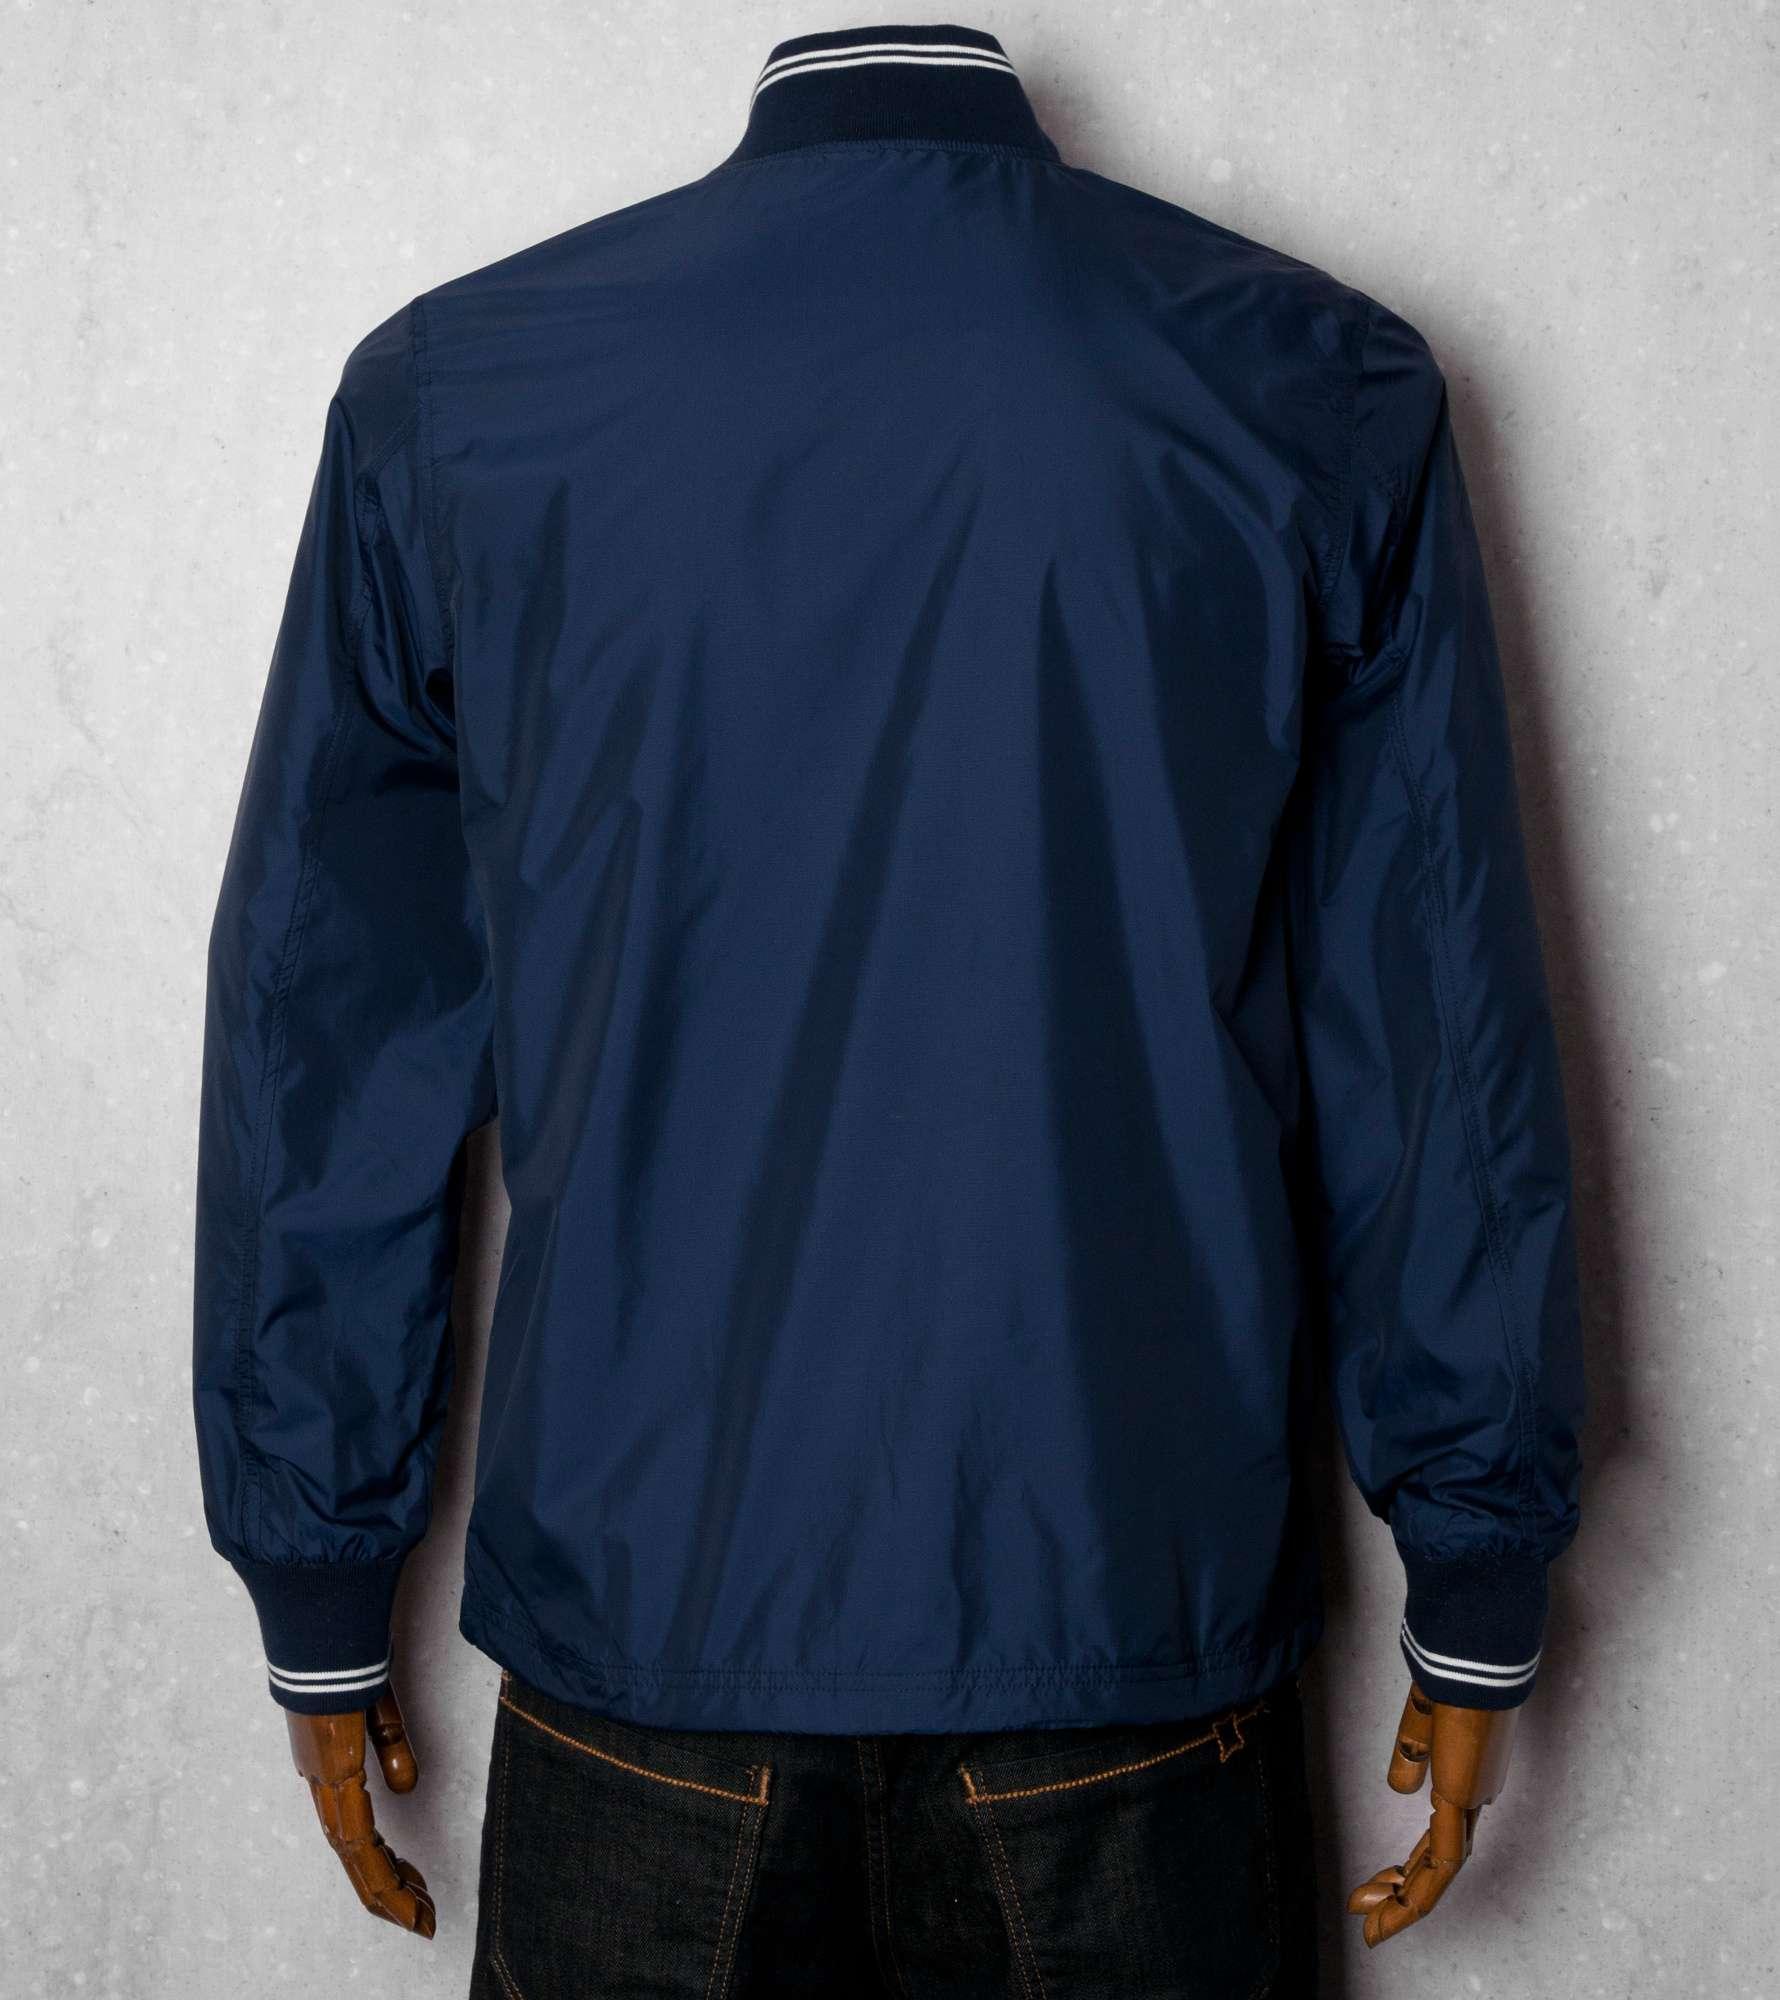 Nike NSW Coaches Jacket